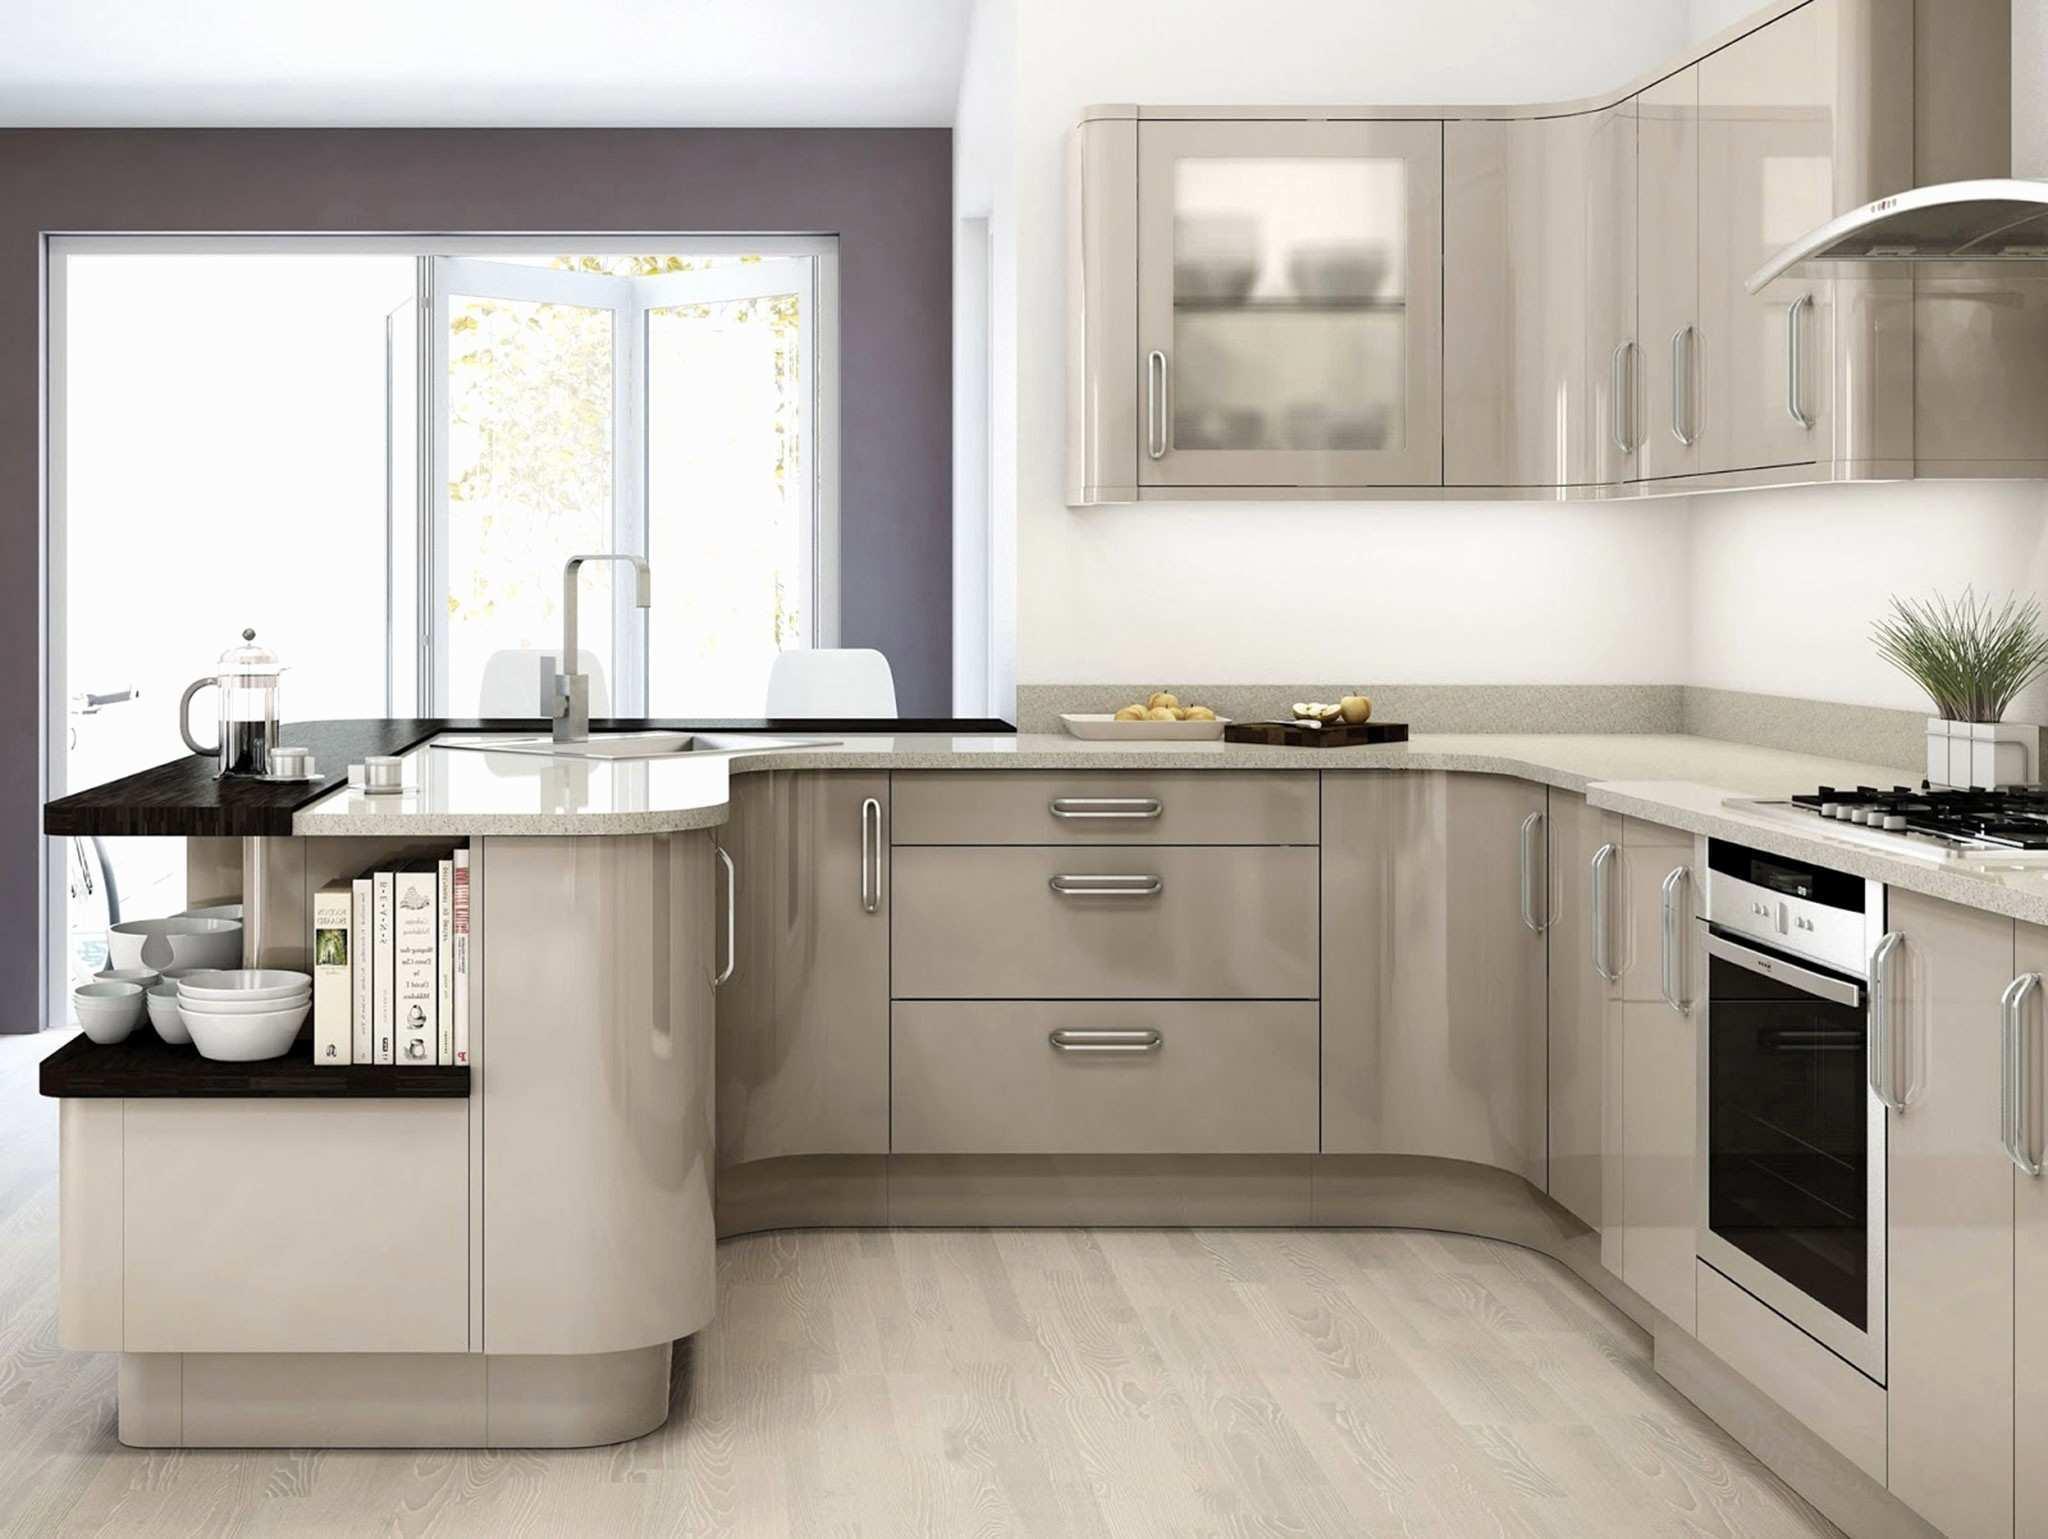 Ikea Salles De Bains Beau Images Simulateur Salle De Bain Lovelyikea Cuisine Catalogue Moderne